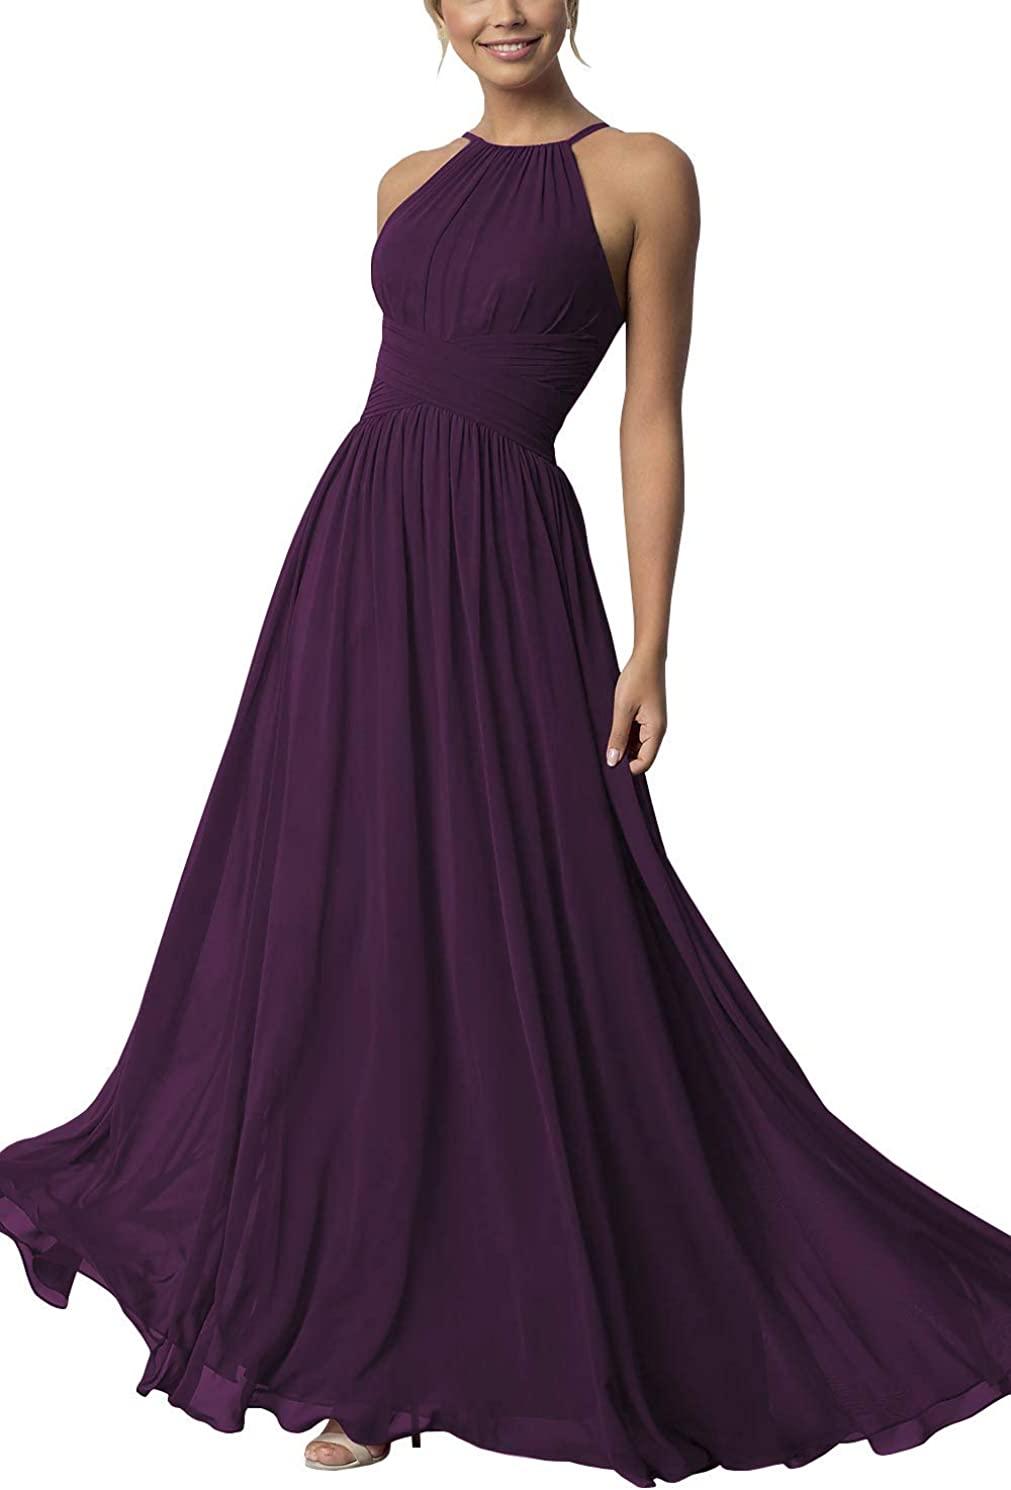 Женские платья подружки невесты с лямкой на шее, длинные шифоновые официальные платья, вечернее праздничное платье, женские вечерние элега...